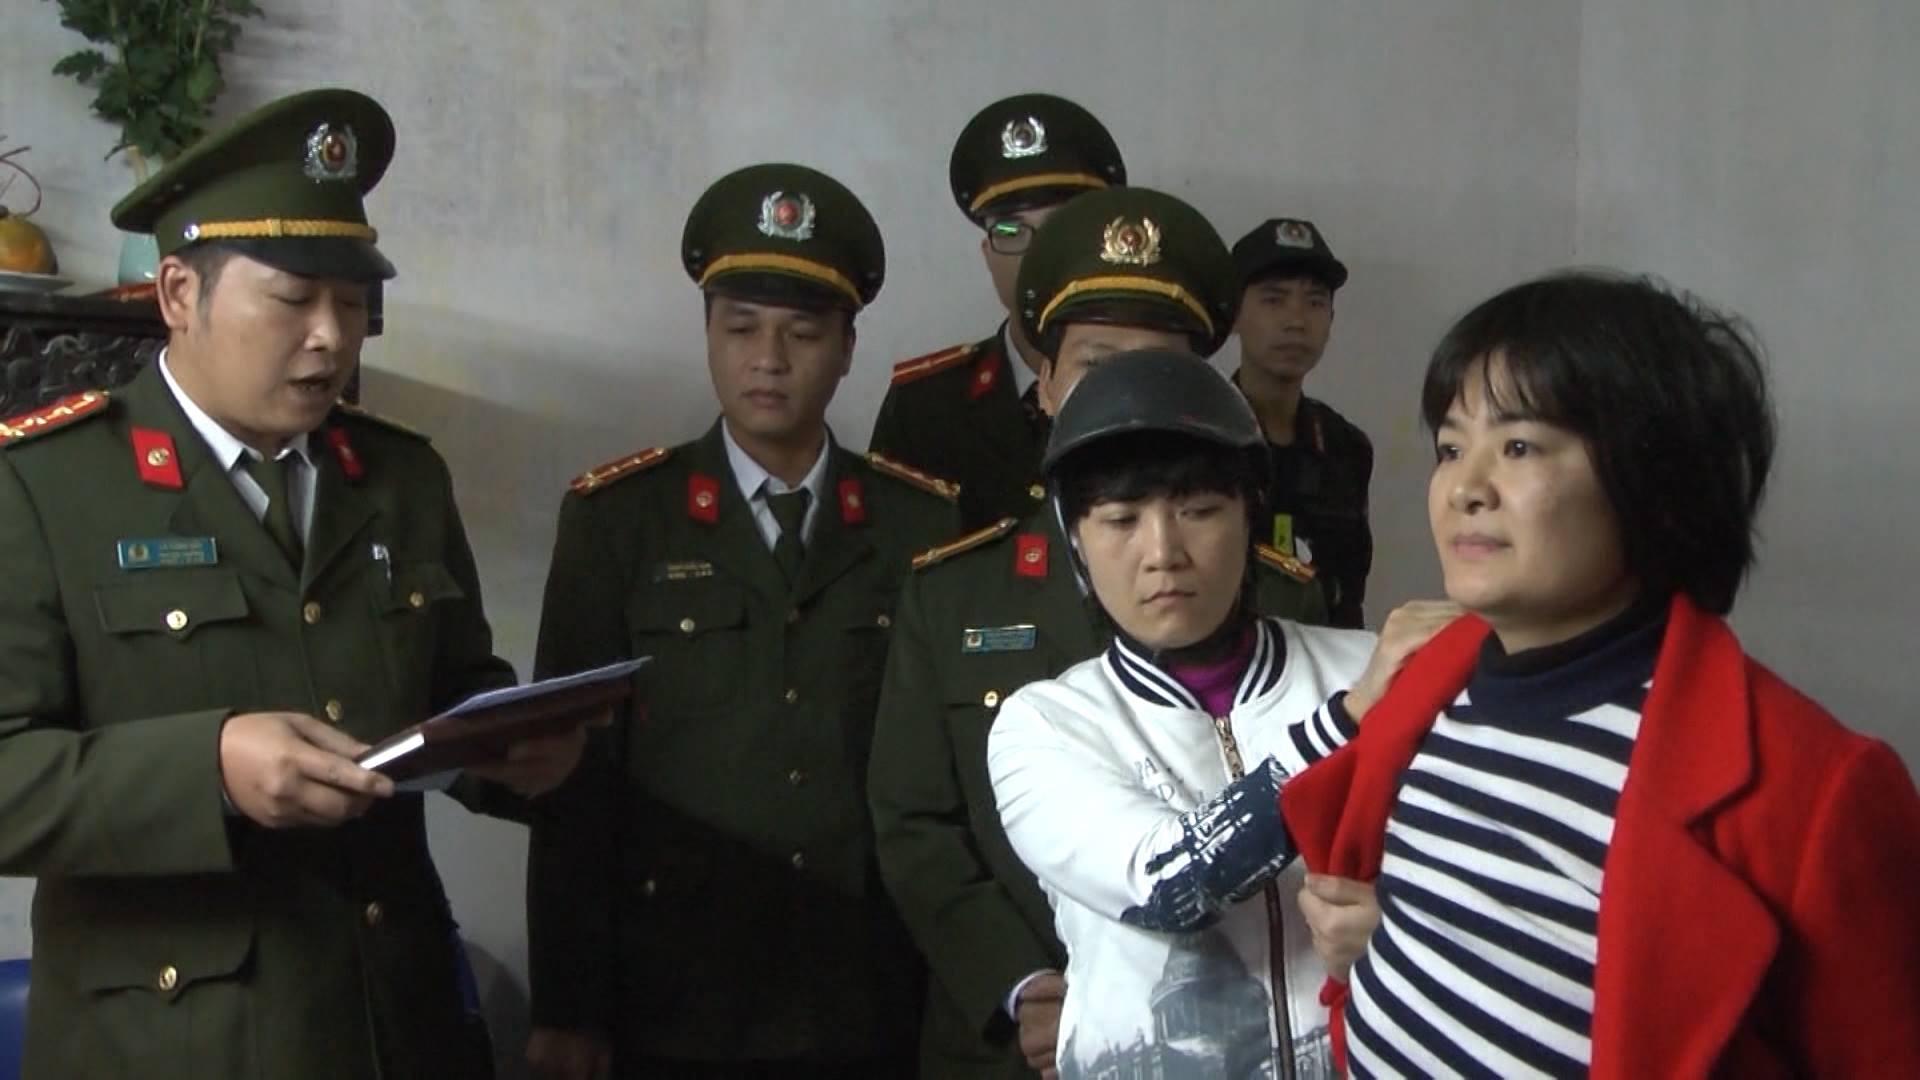 Nhà hoạt động Trần Thị Nga ở Hà Nam bị bắt ngày 21.01.2017. Ảnh: SBTN